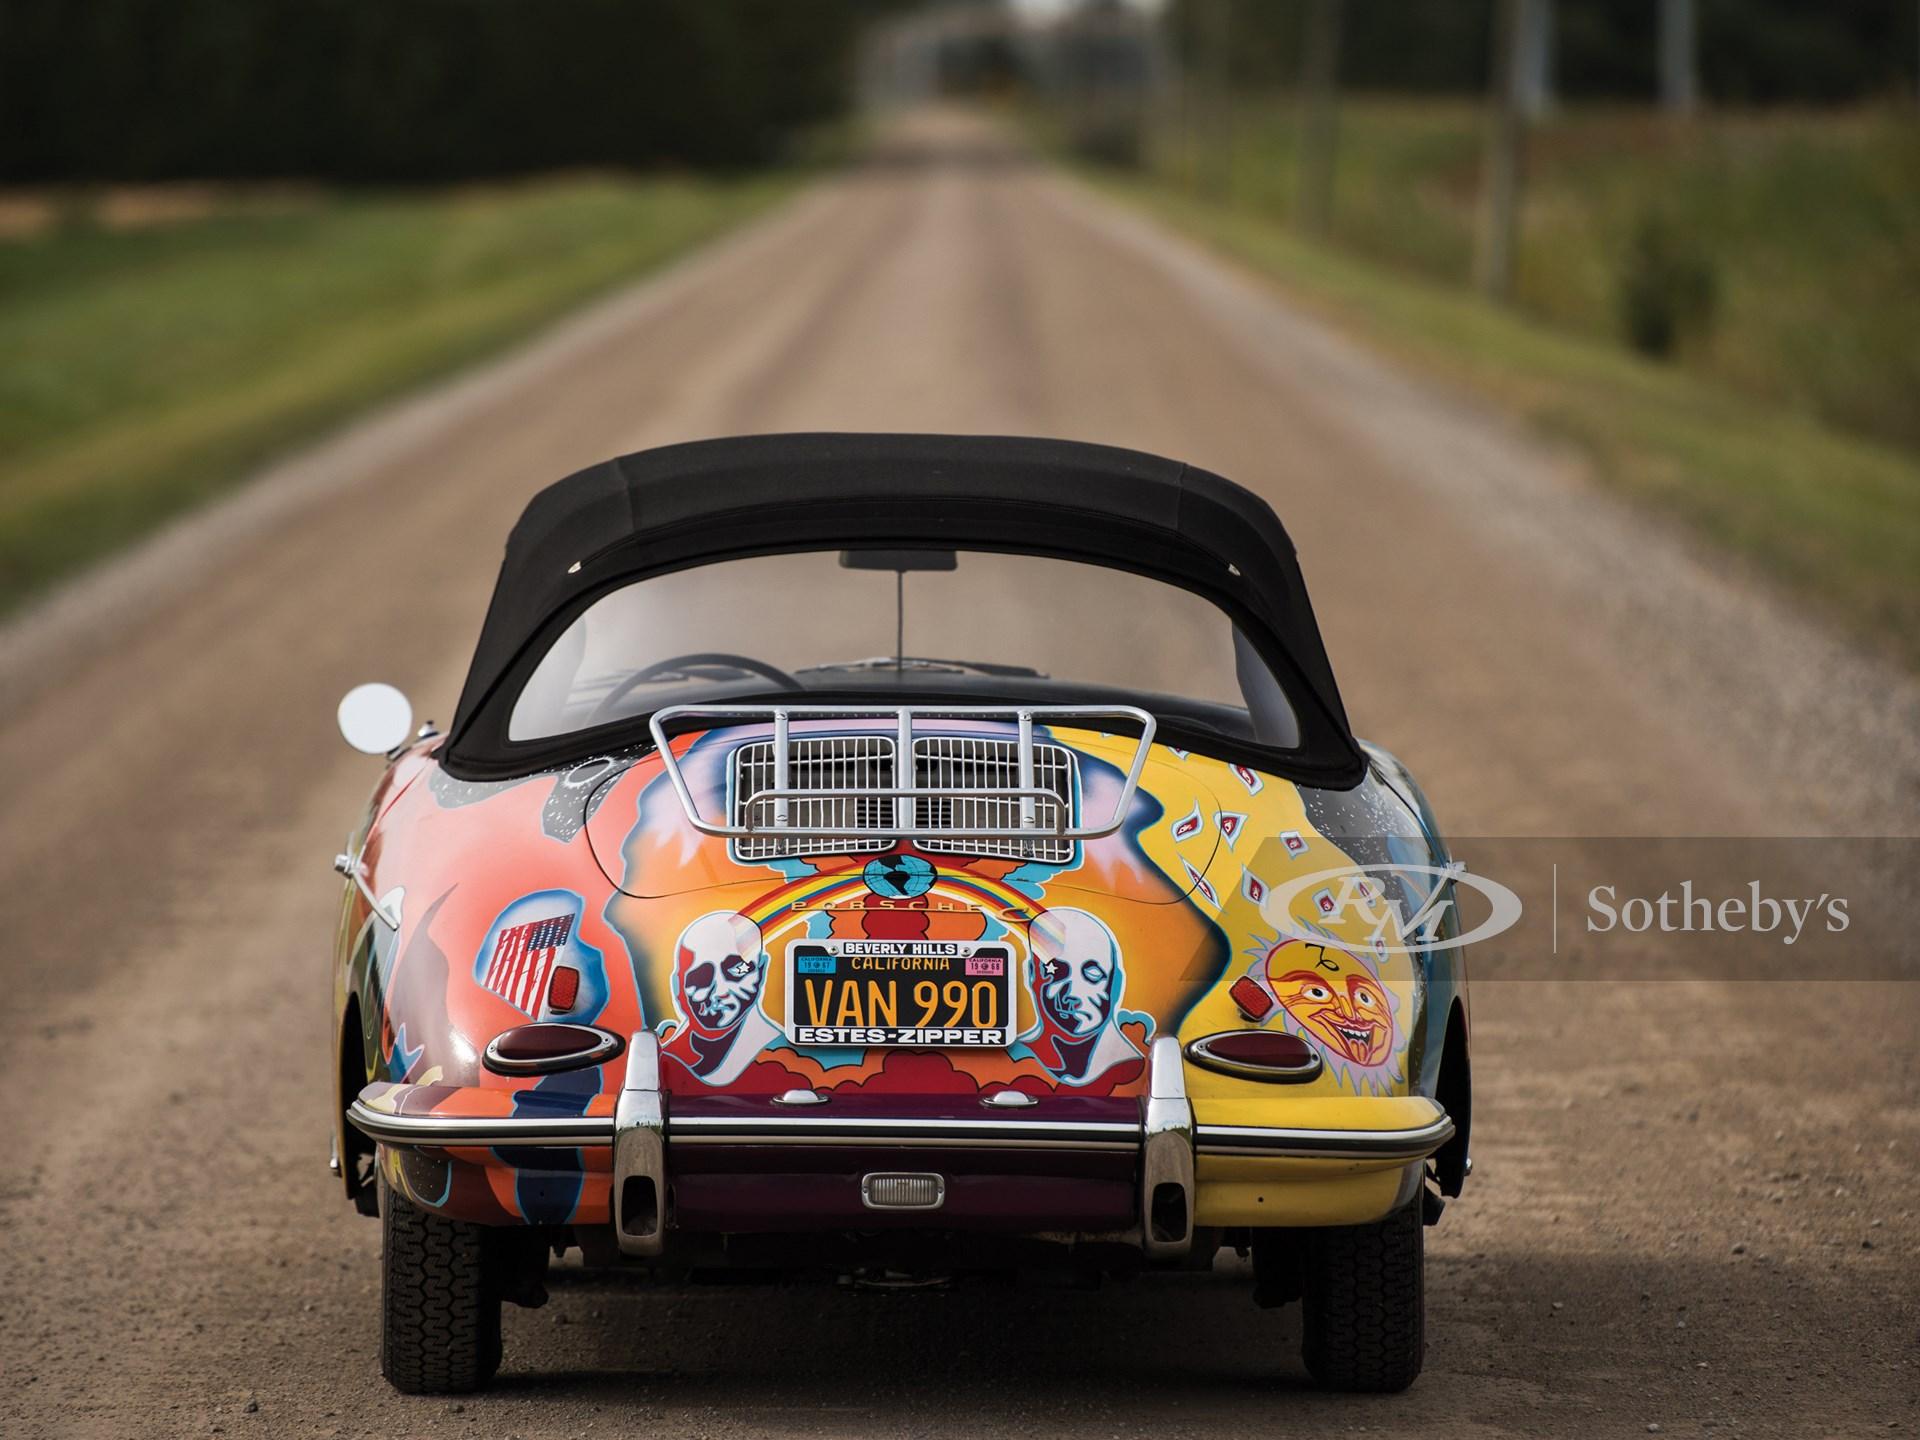 1964 Porsche 356 C 1600 SC Cabriolet by Reutter -